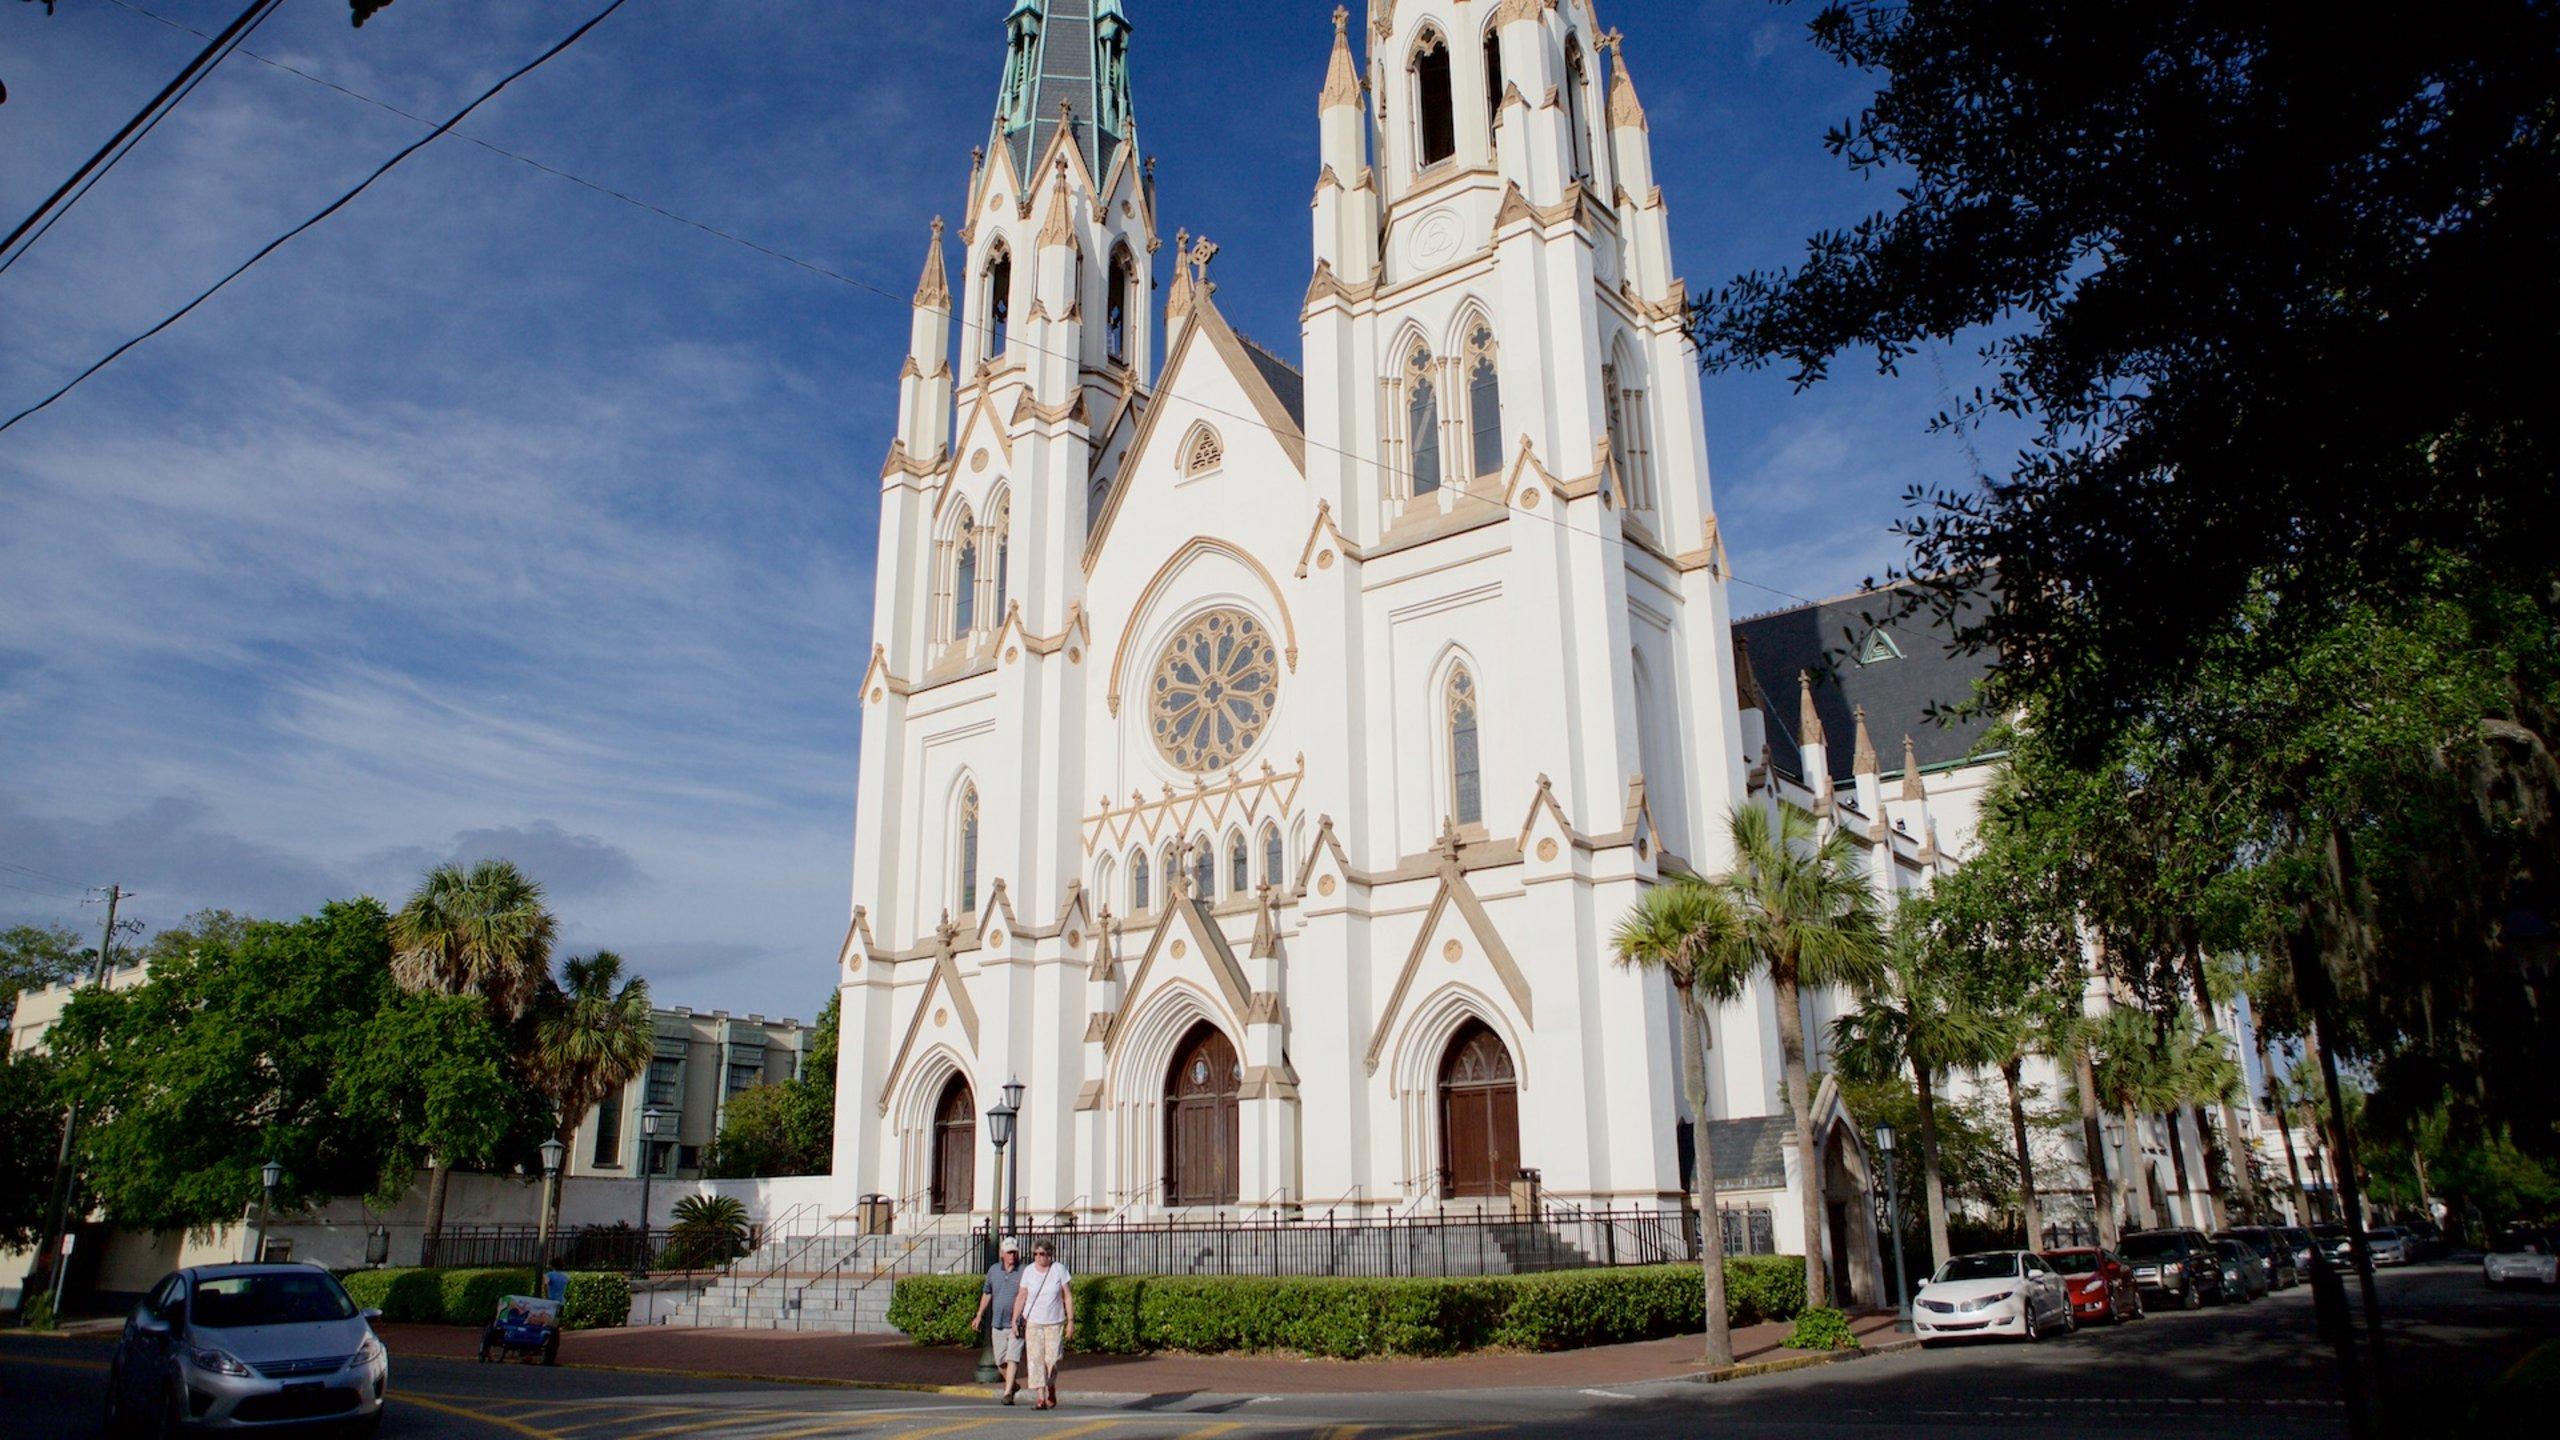 Cathédrale Saint-Jean Baptiste, Savannah, Géorgie, États-Unis d'Amérique